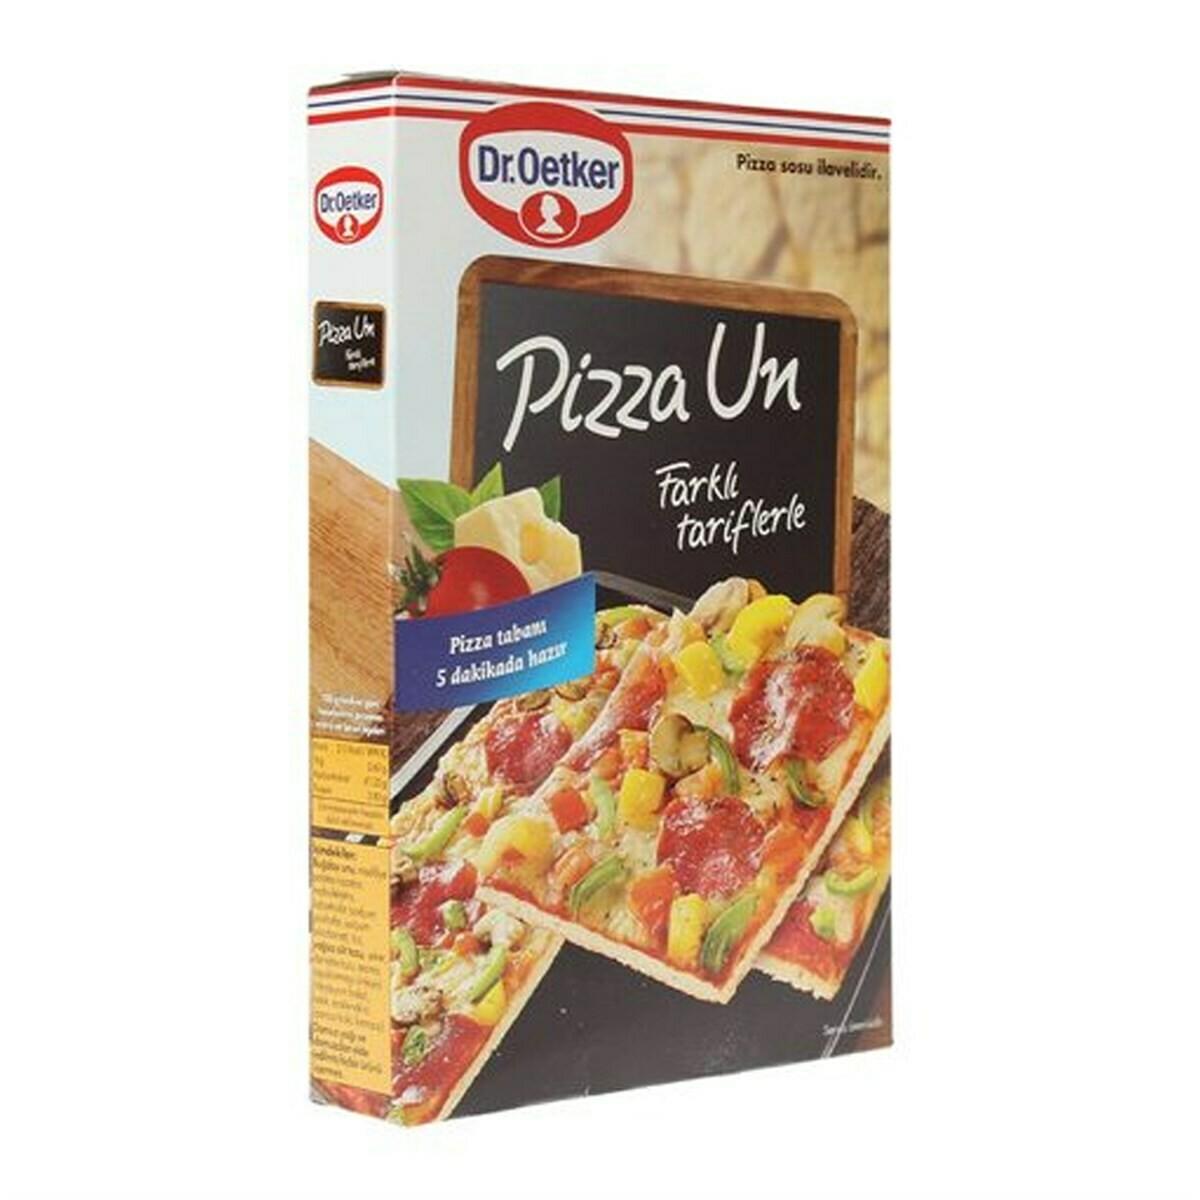 DR. OETKER Pizza un 255gr  Pizza Flour